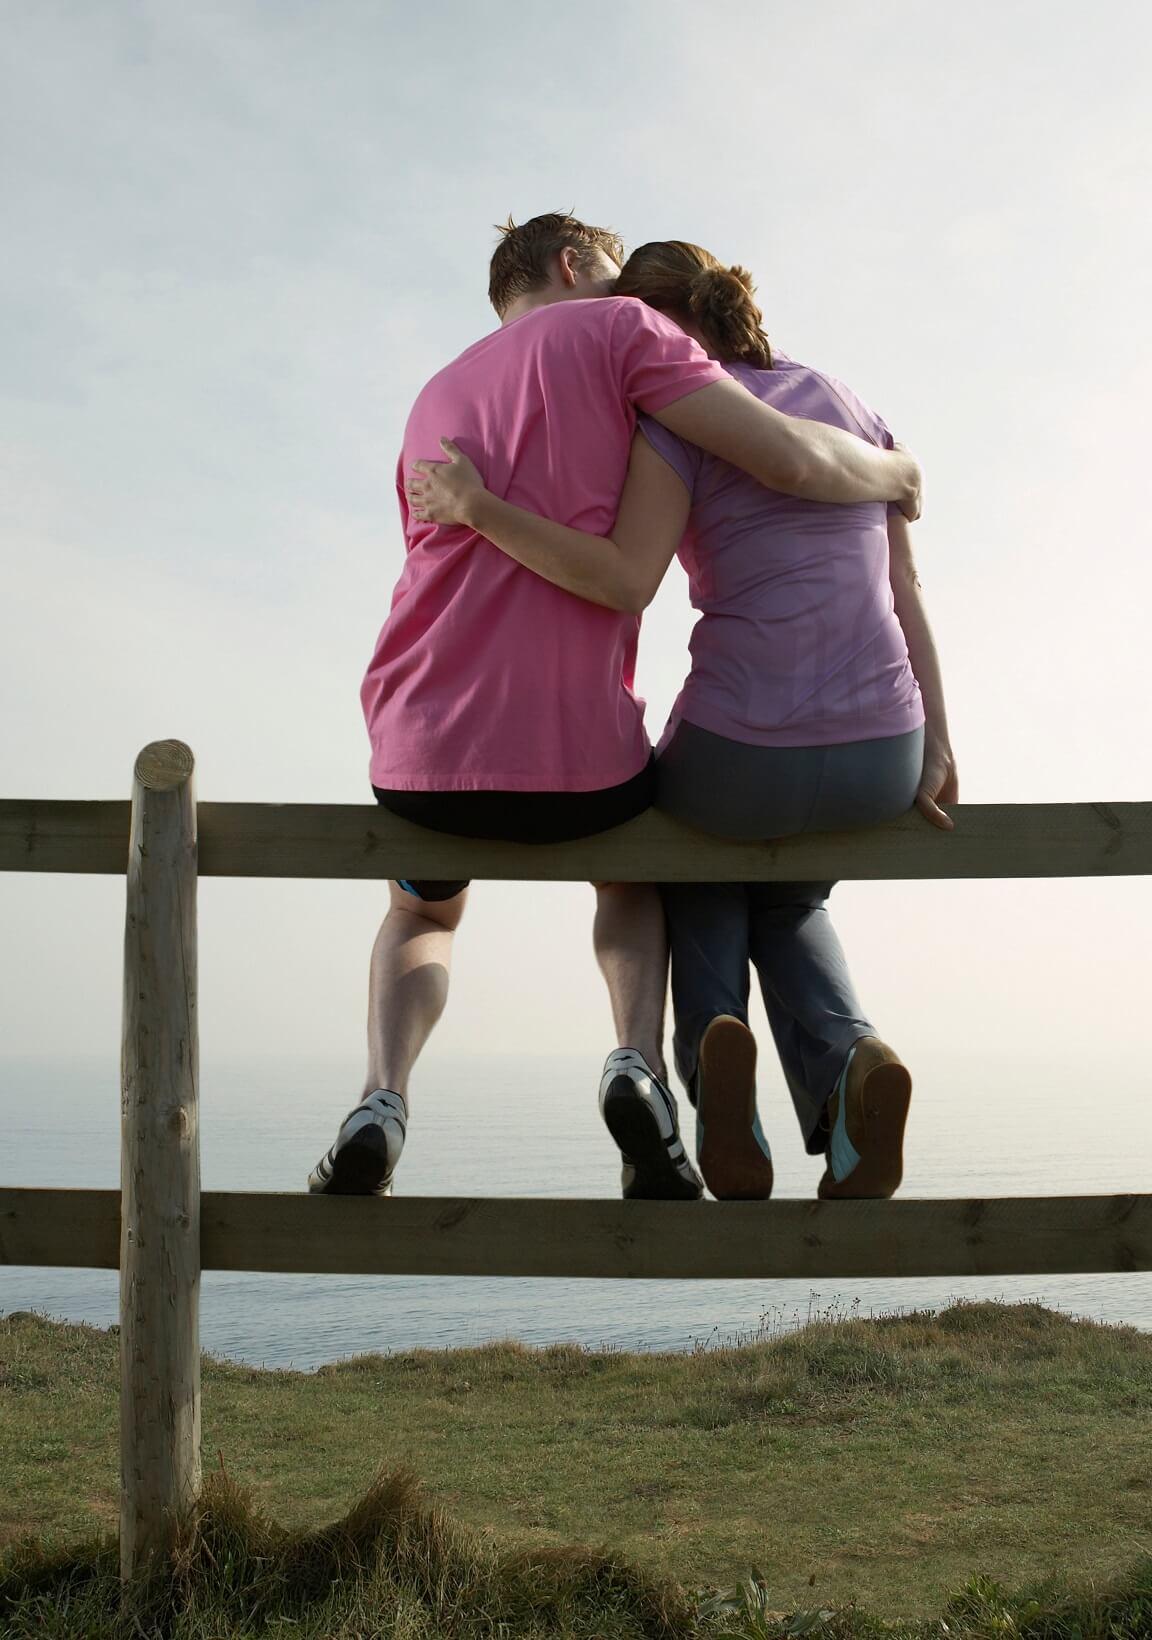 無論找什麼方法求助,最有效不外乎是聆聽對方抒發、理解與陪伴。